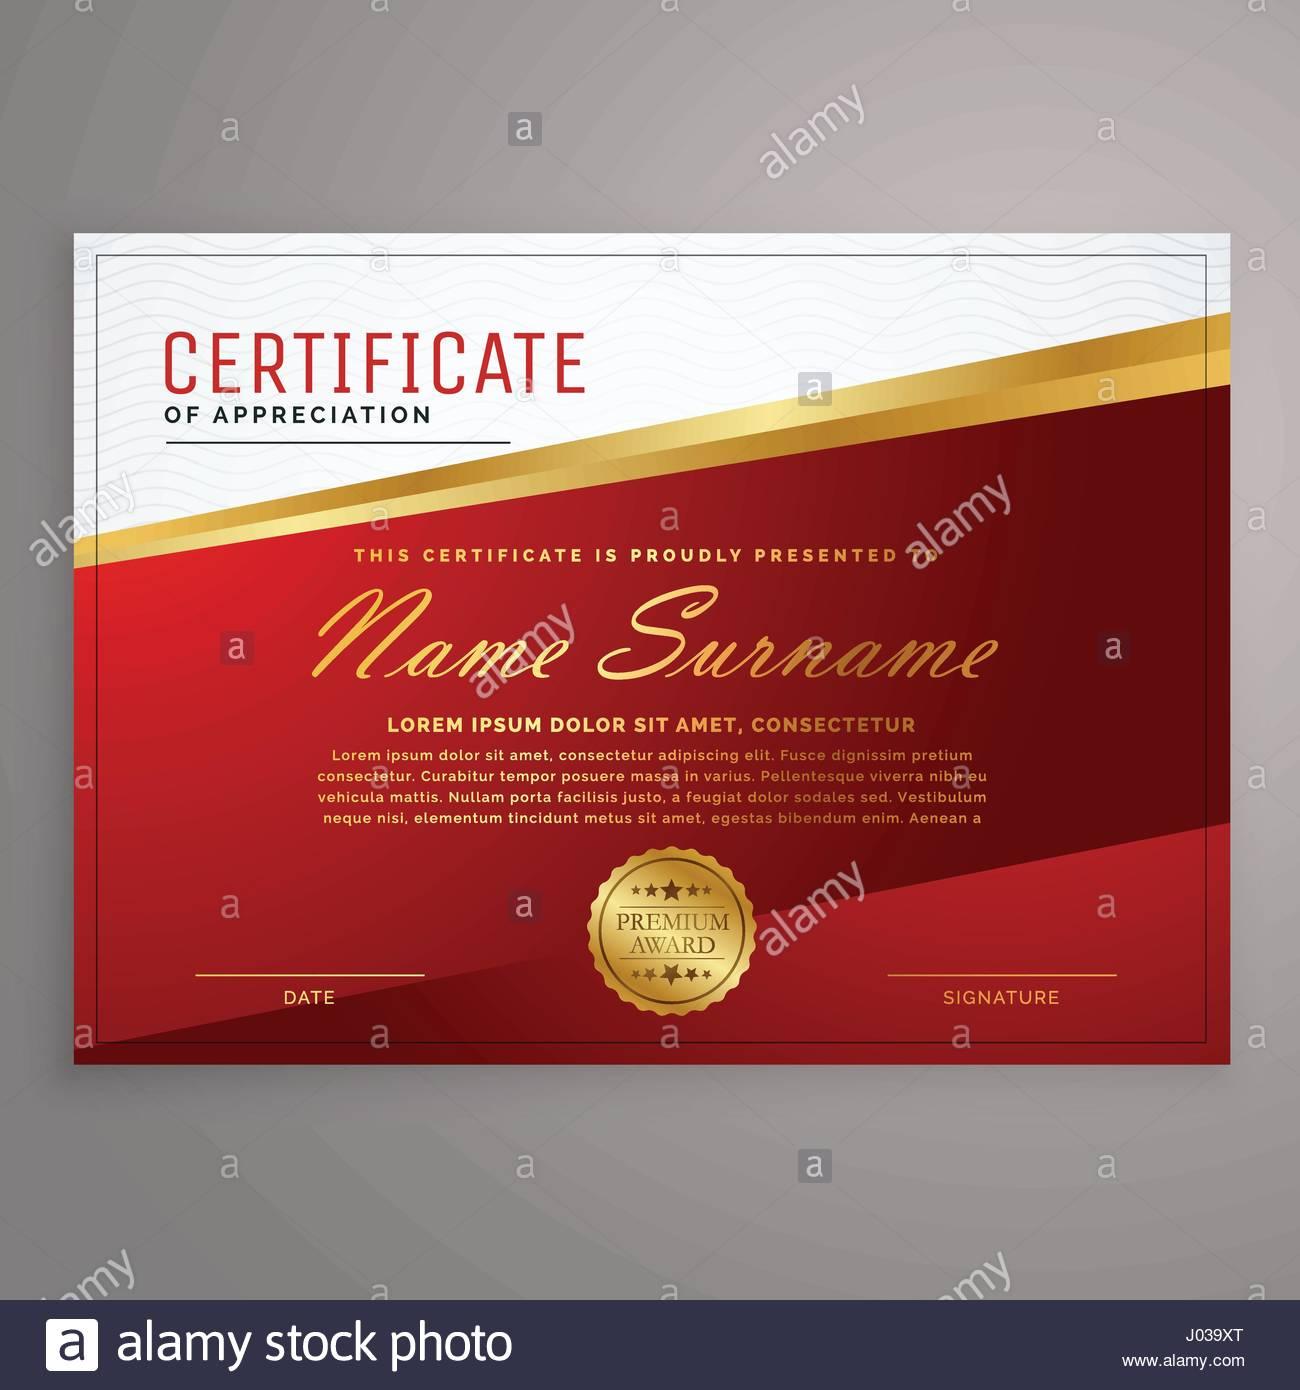 kreative roten und goldenen Design Zertifikatvorlage Vektor ...